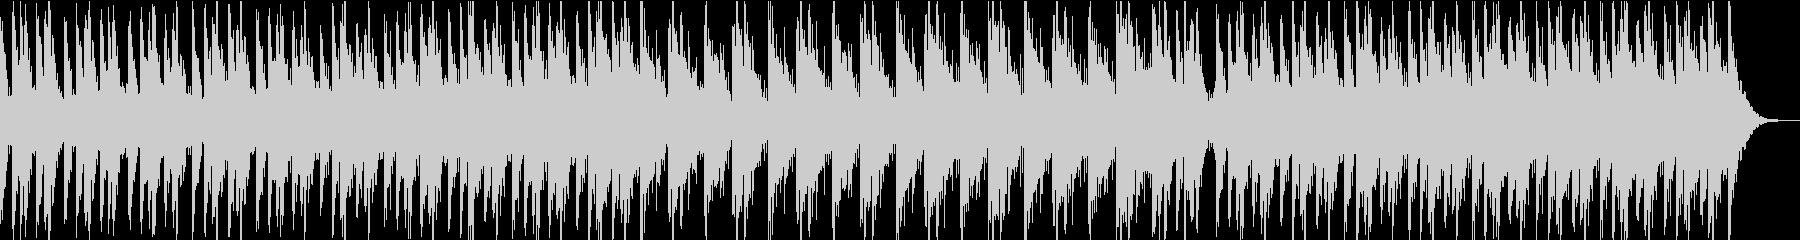 力強くひたすら熱いドラムアンサンブルの未再生の波形